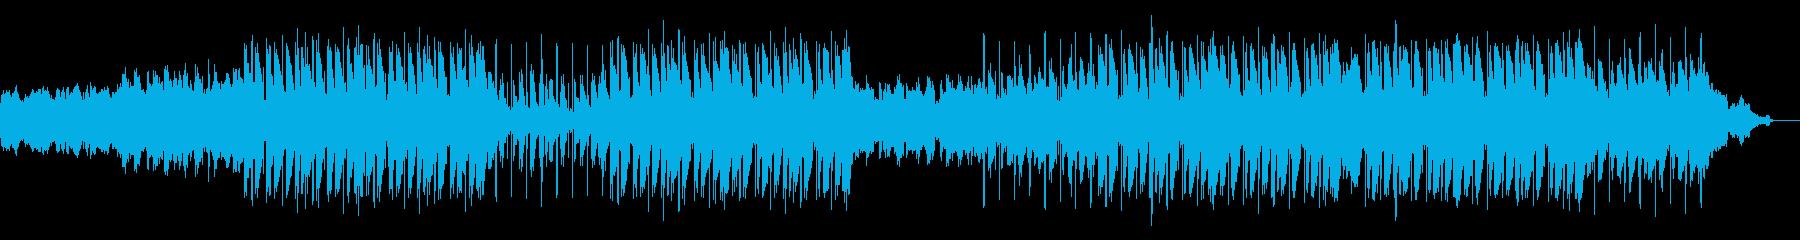 フルート/和風だが今っぽいお洒落BGMの再生済みの波形